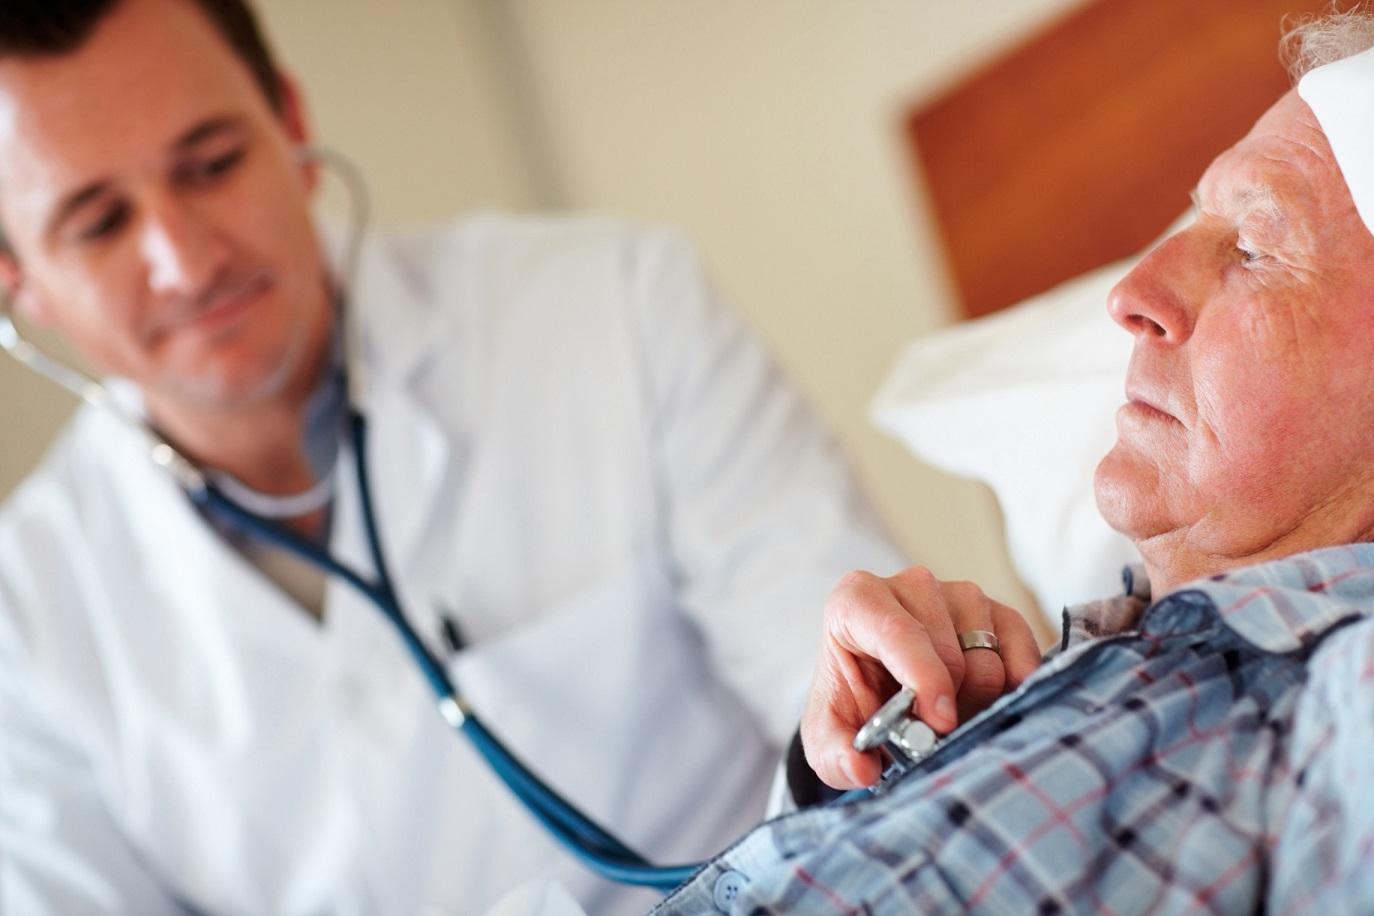 Herzinsuffizienz: Was sind die Ursachen?